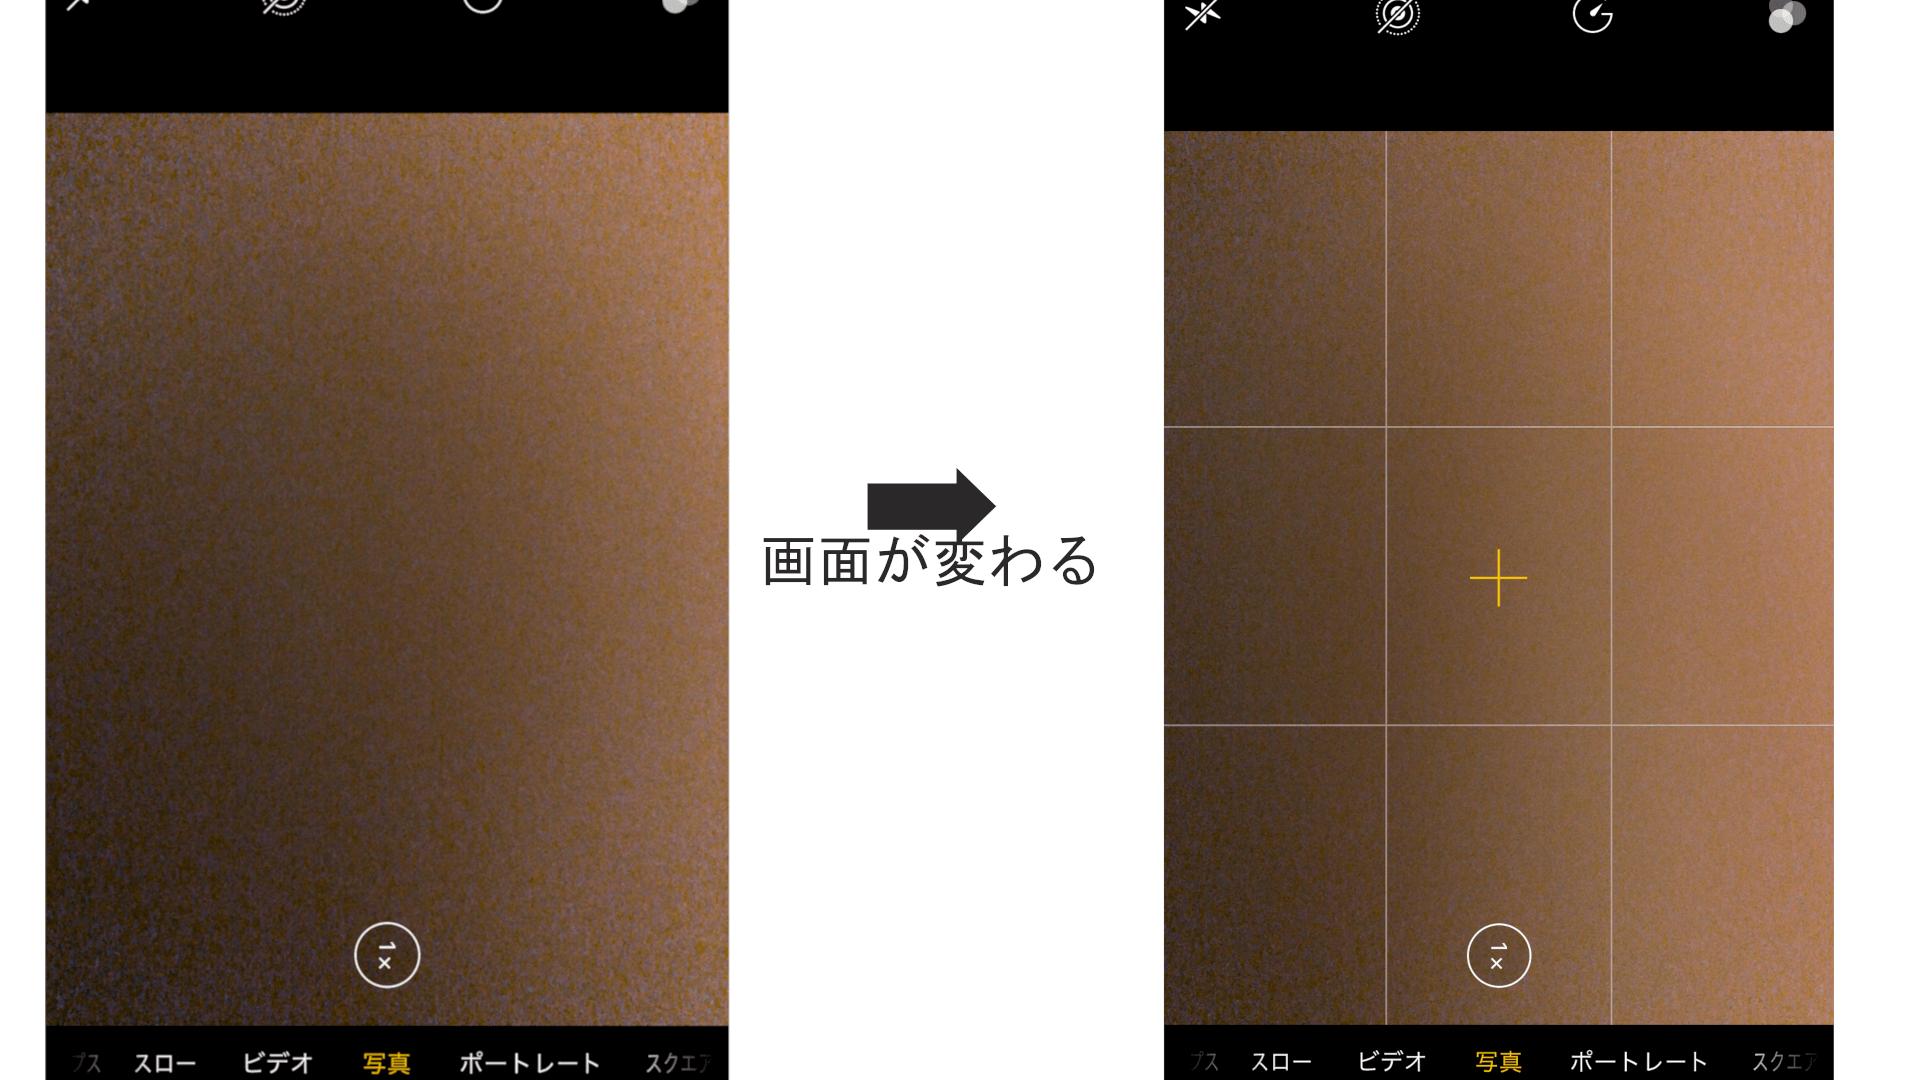 カメラの画面